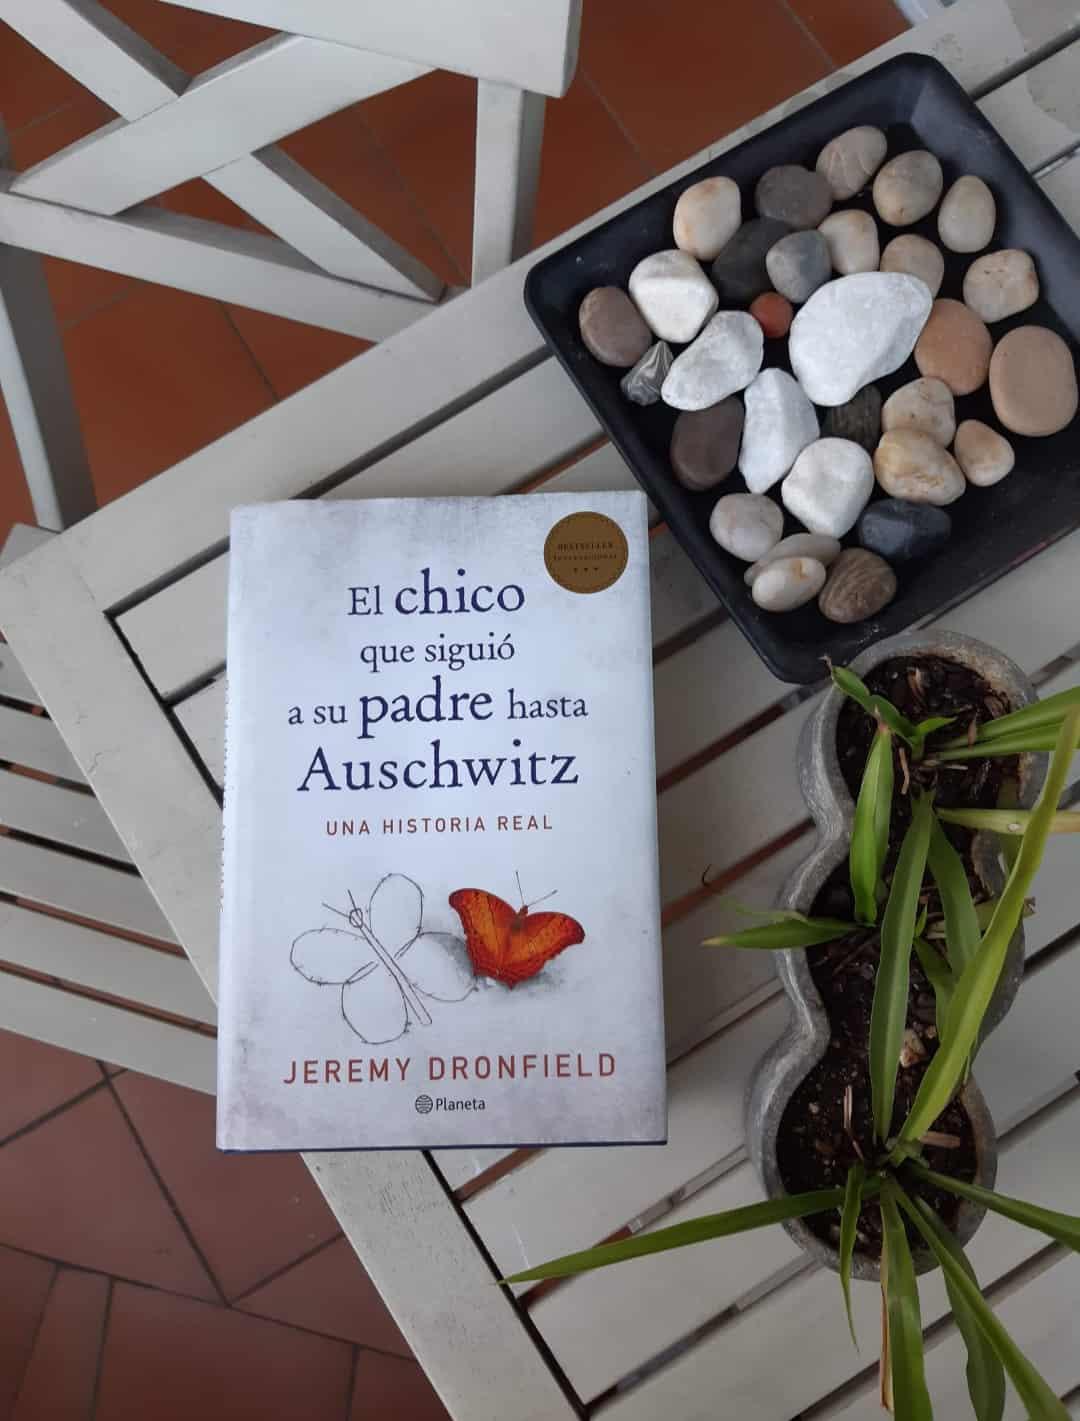 «EL CHICO QUE SIGUIO A SU PADRE HASTA AUSCHWITZ», de Jeremy Dronfield